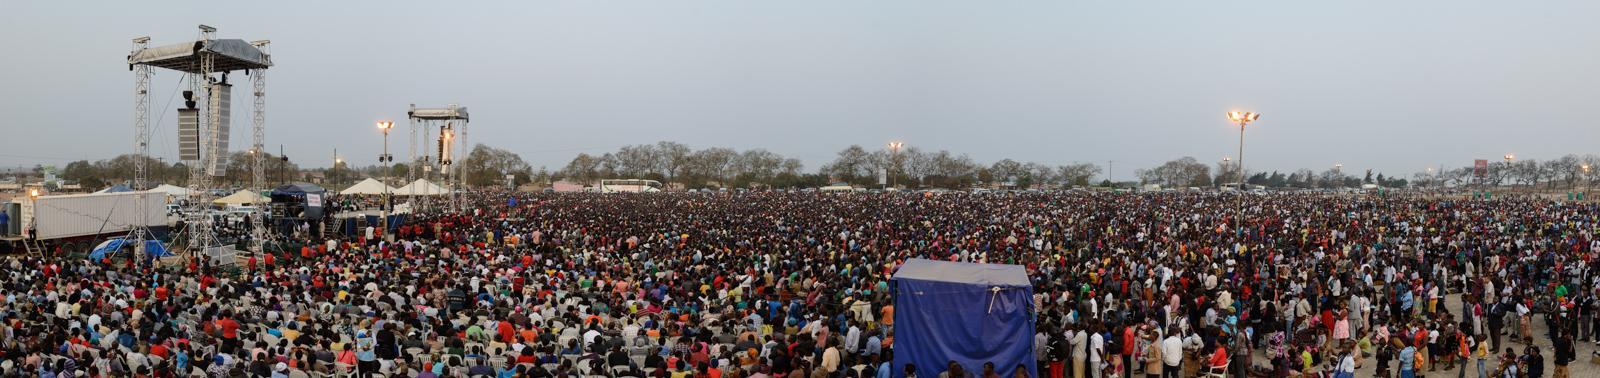 Lusaka-Zambia-15-D2-2007-Pano